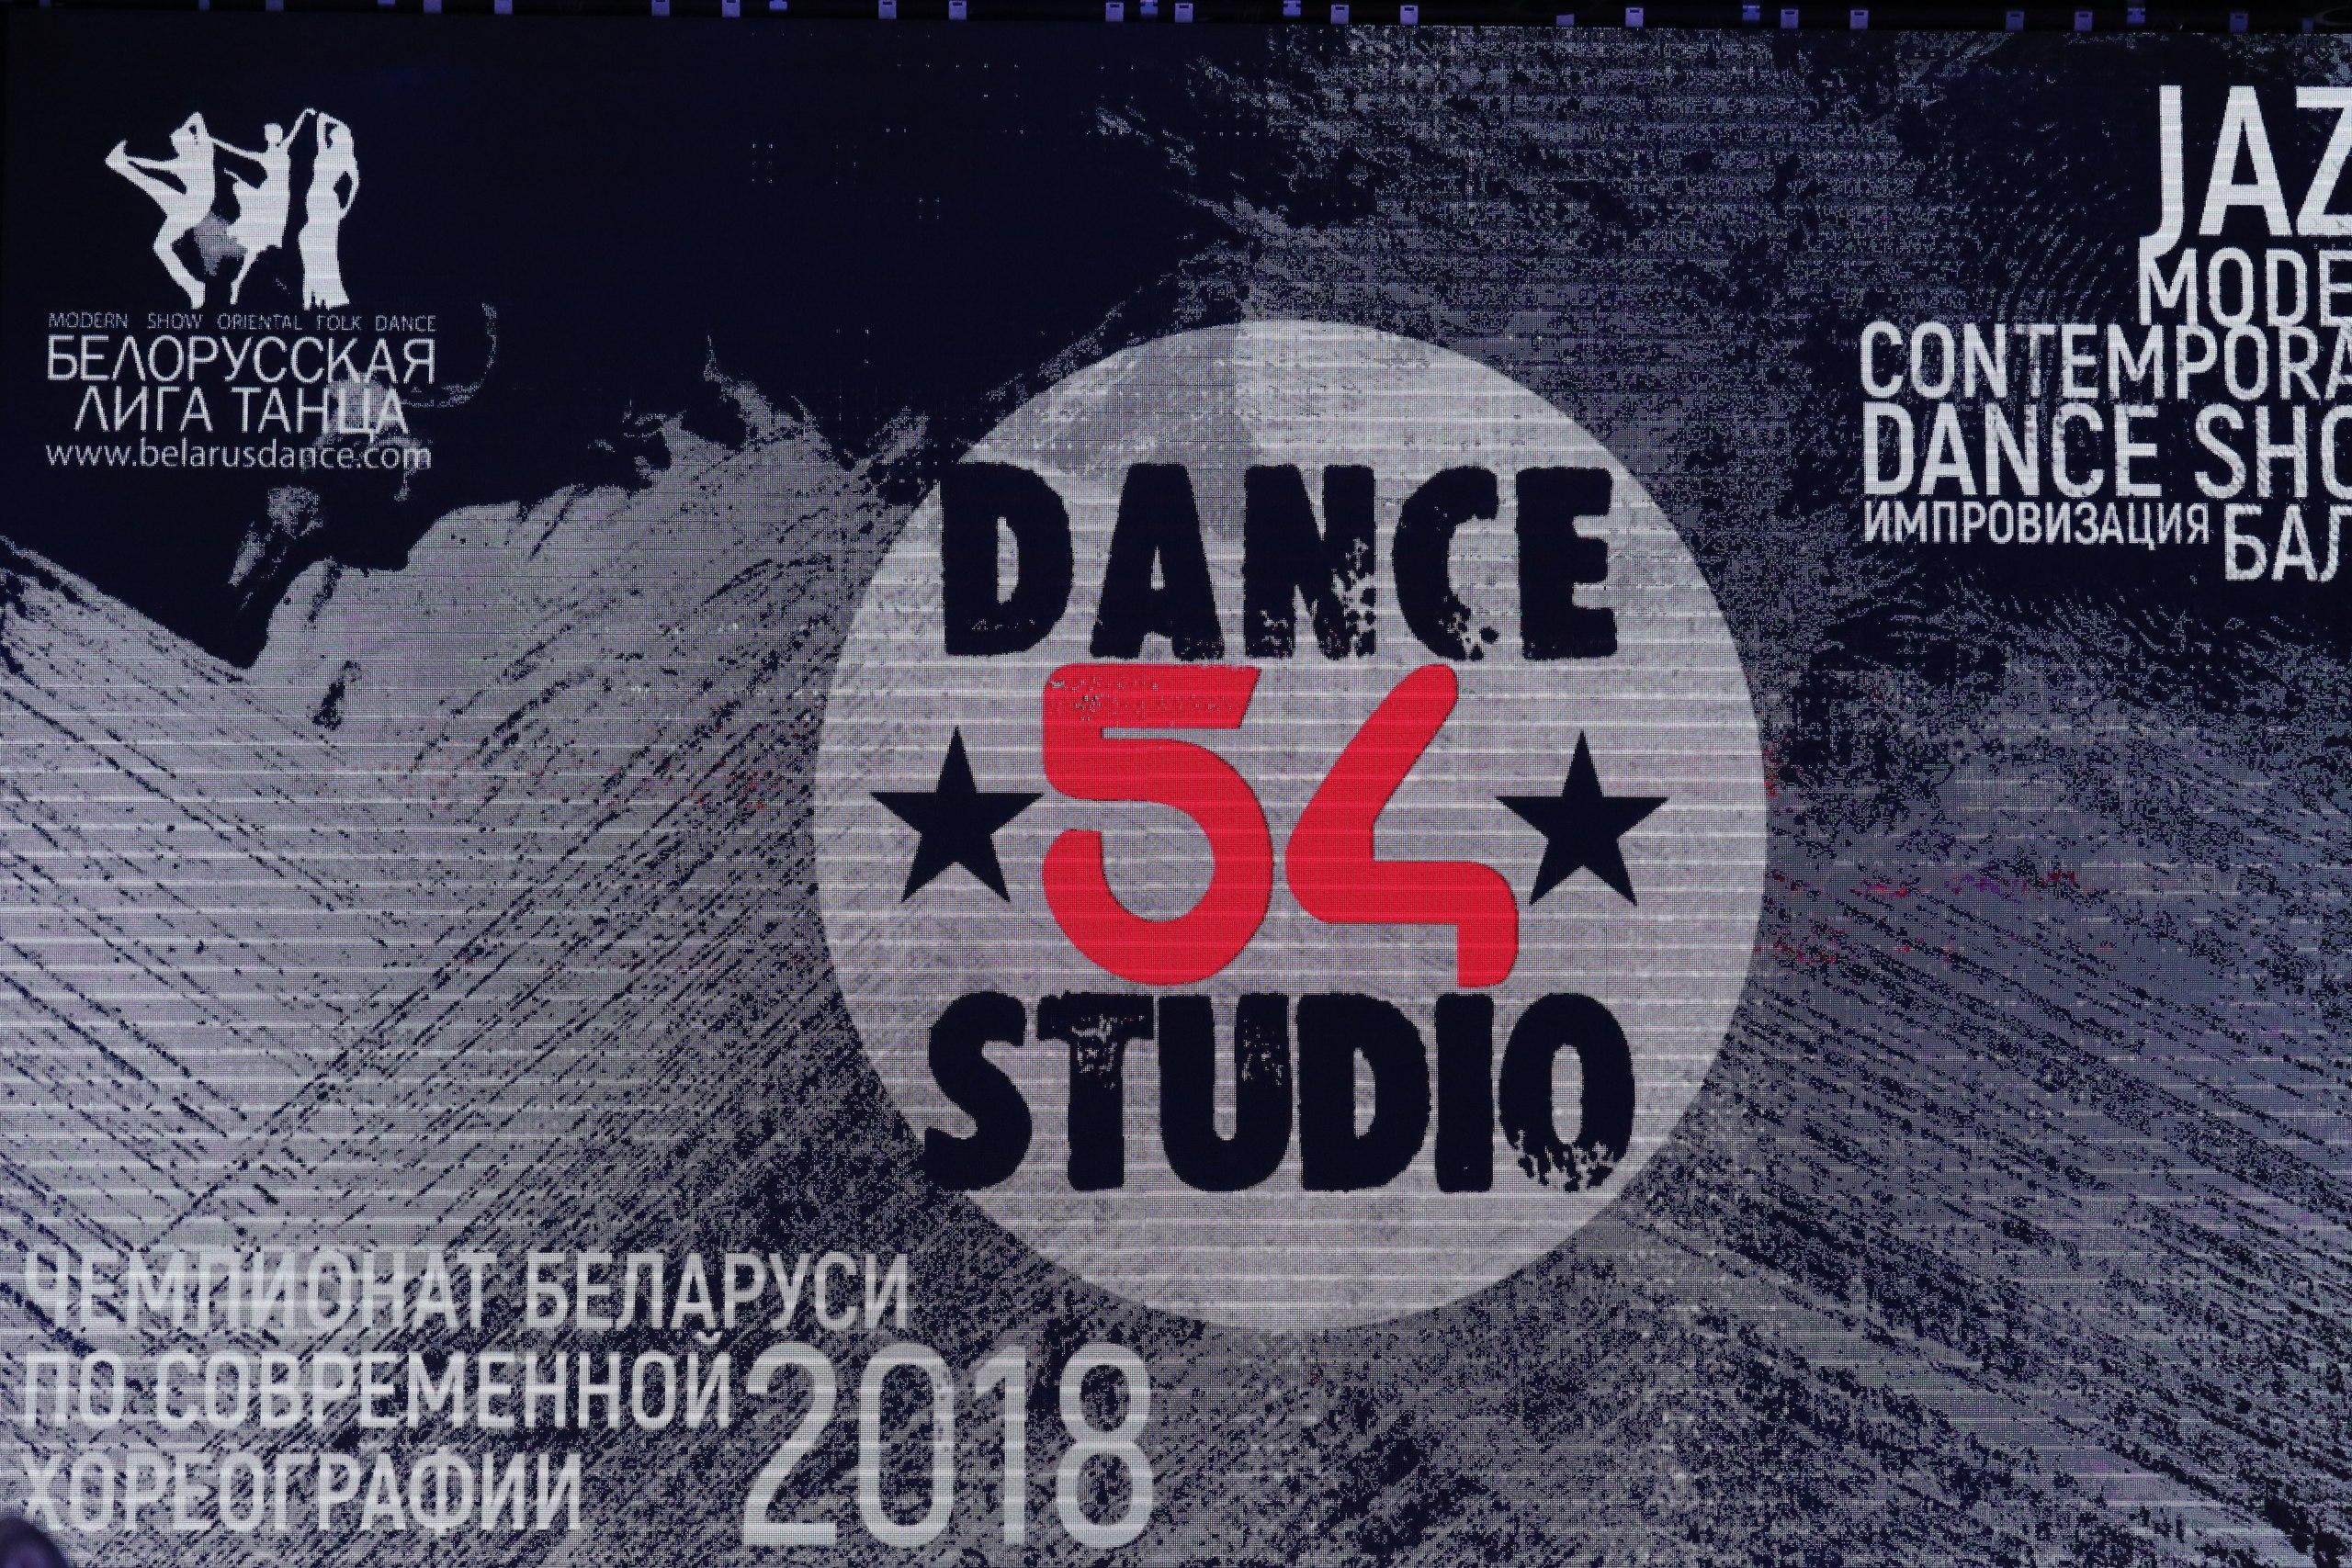 Чемпионат Республики Беларусь по современной хореографии 2018